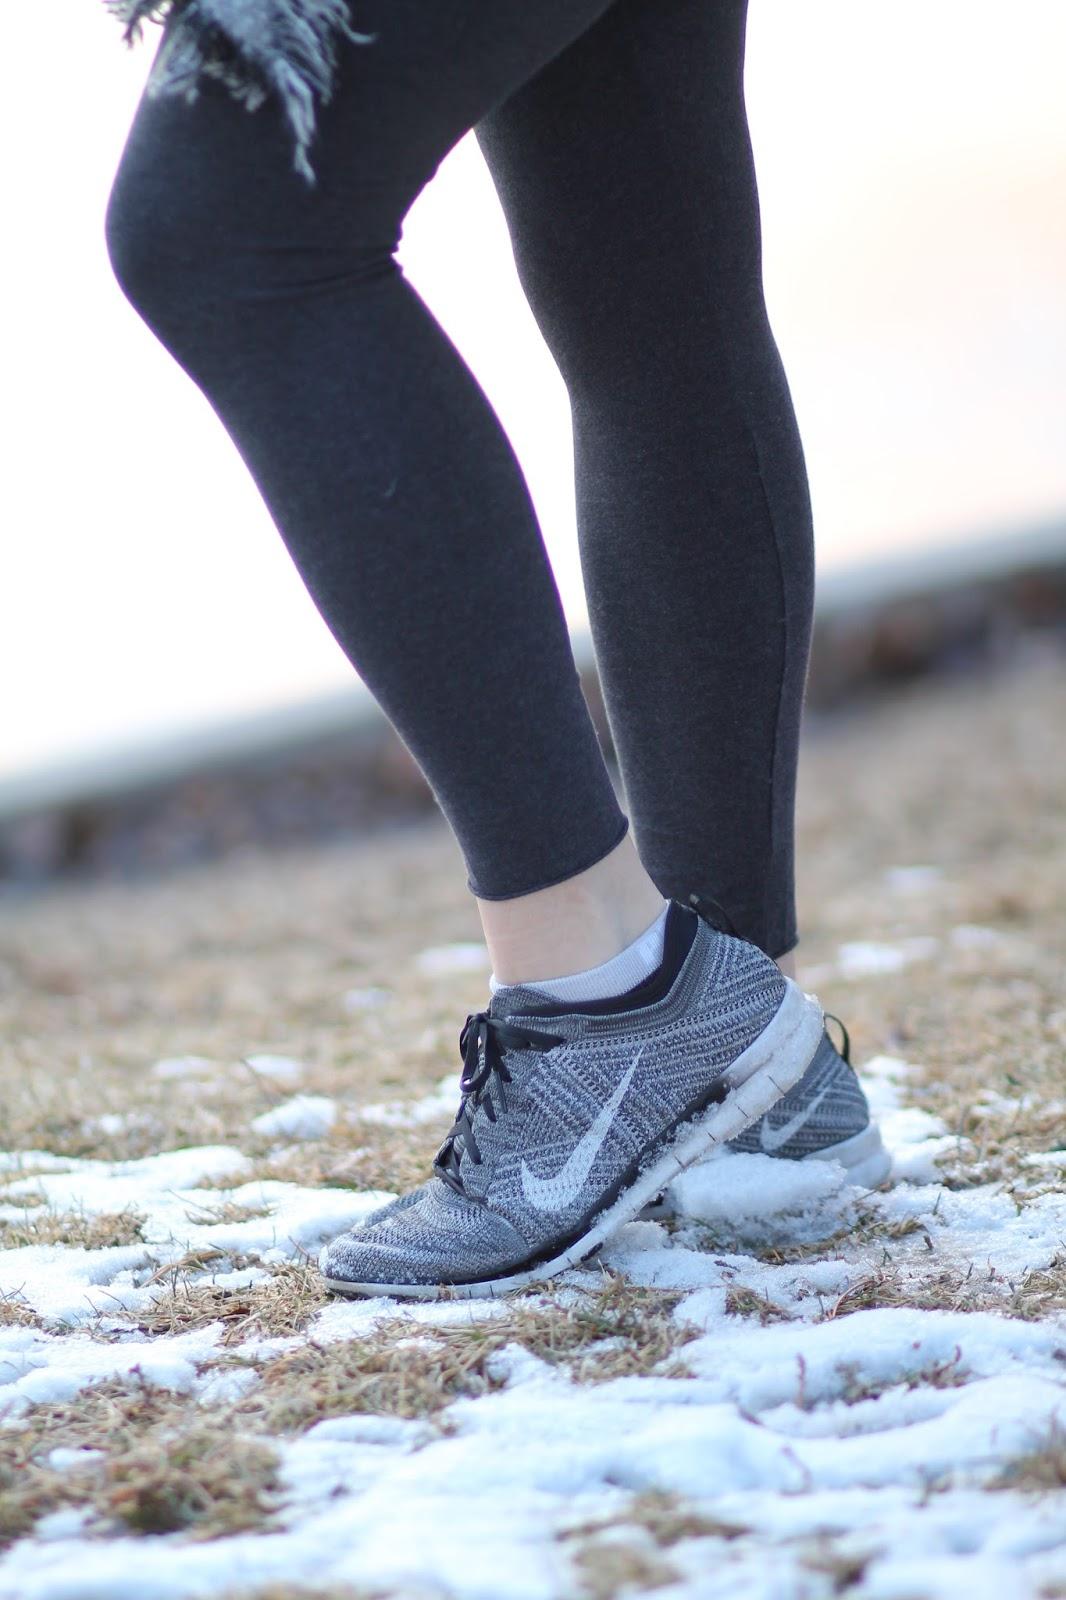 gray, sneakers, nike, fylknit,free